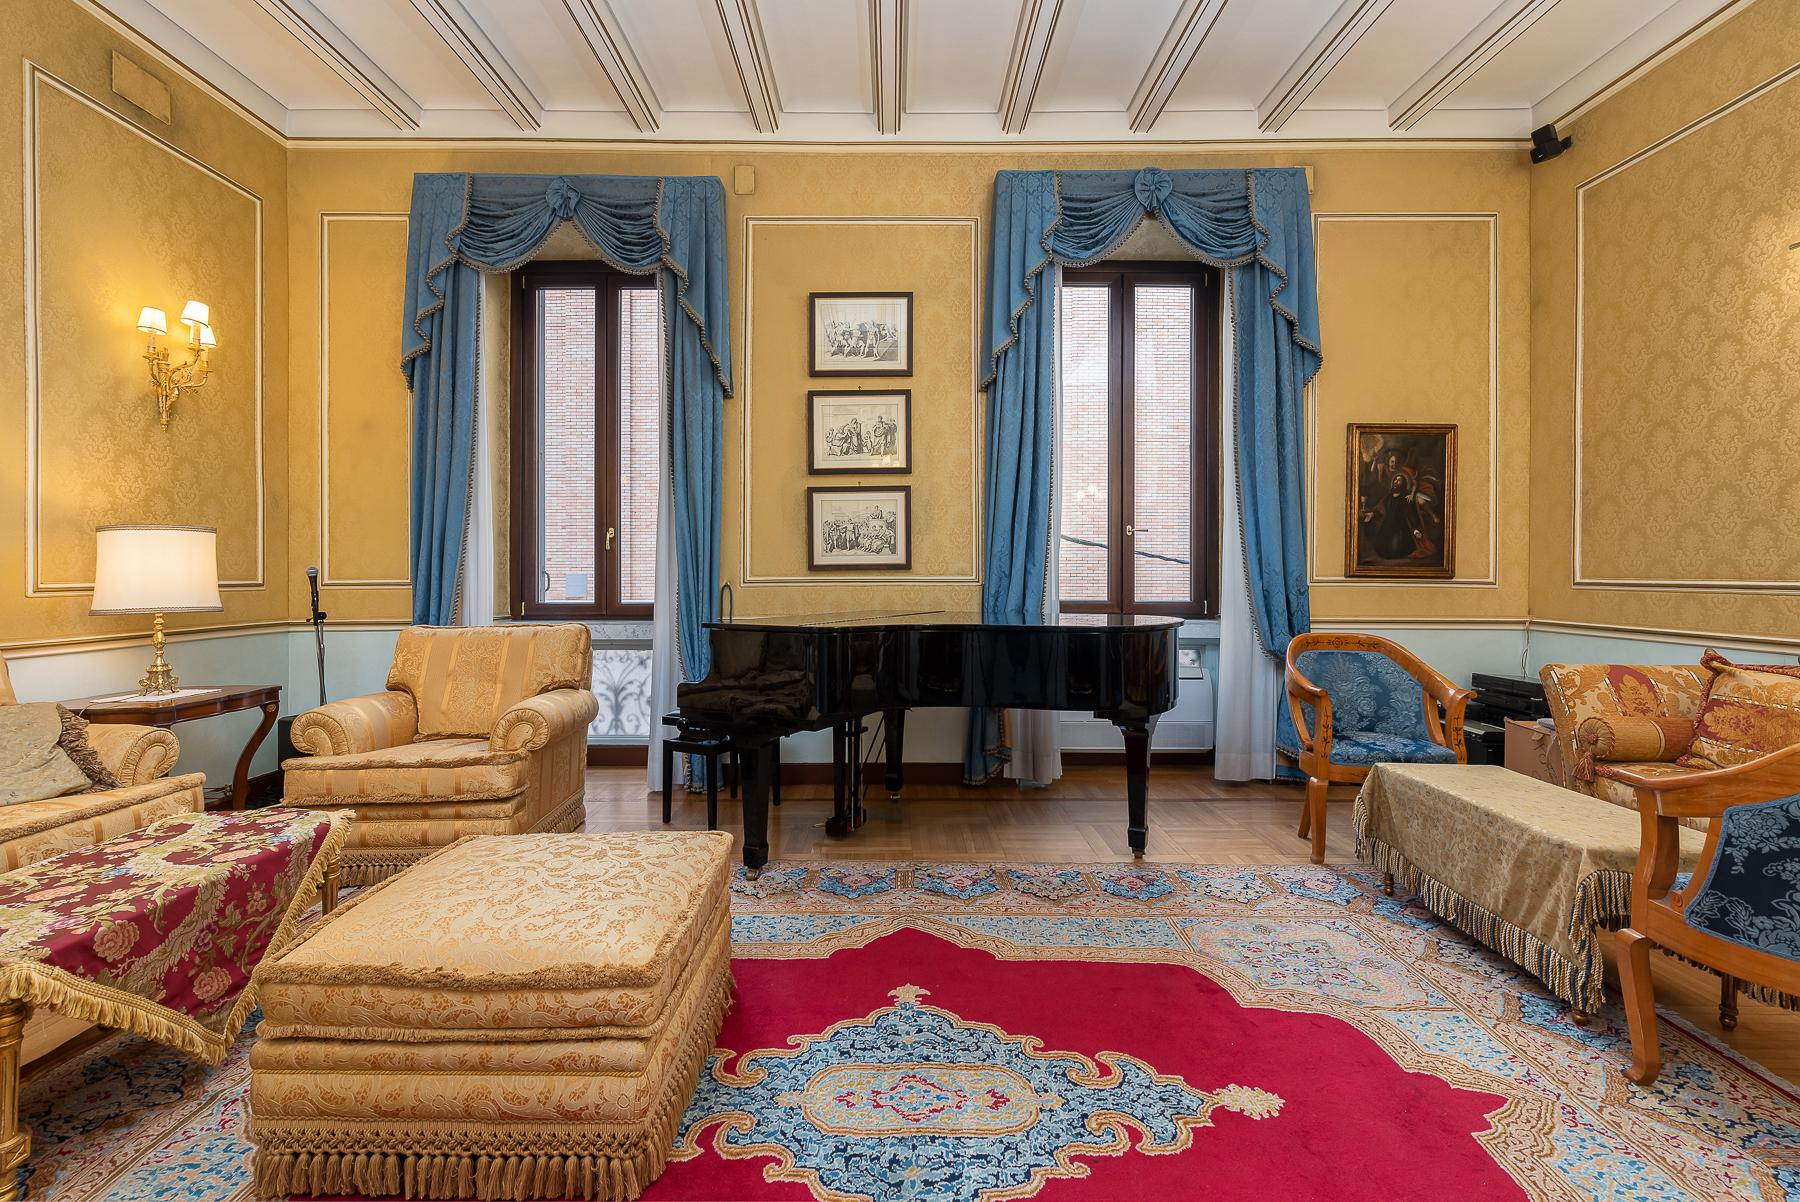 Роскошная квартира с большой террасой  в элегантном здании начала 900 года - 17